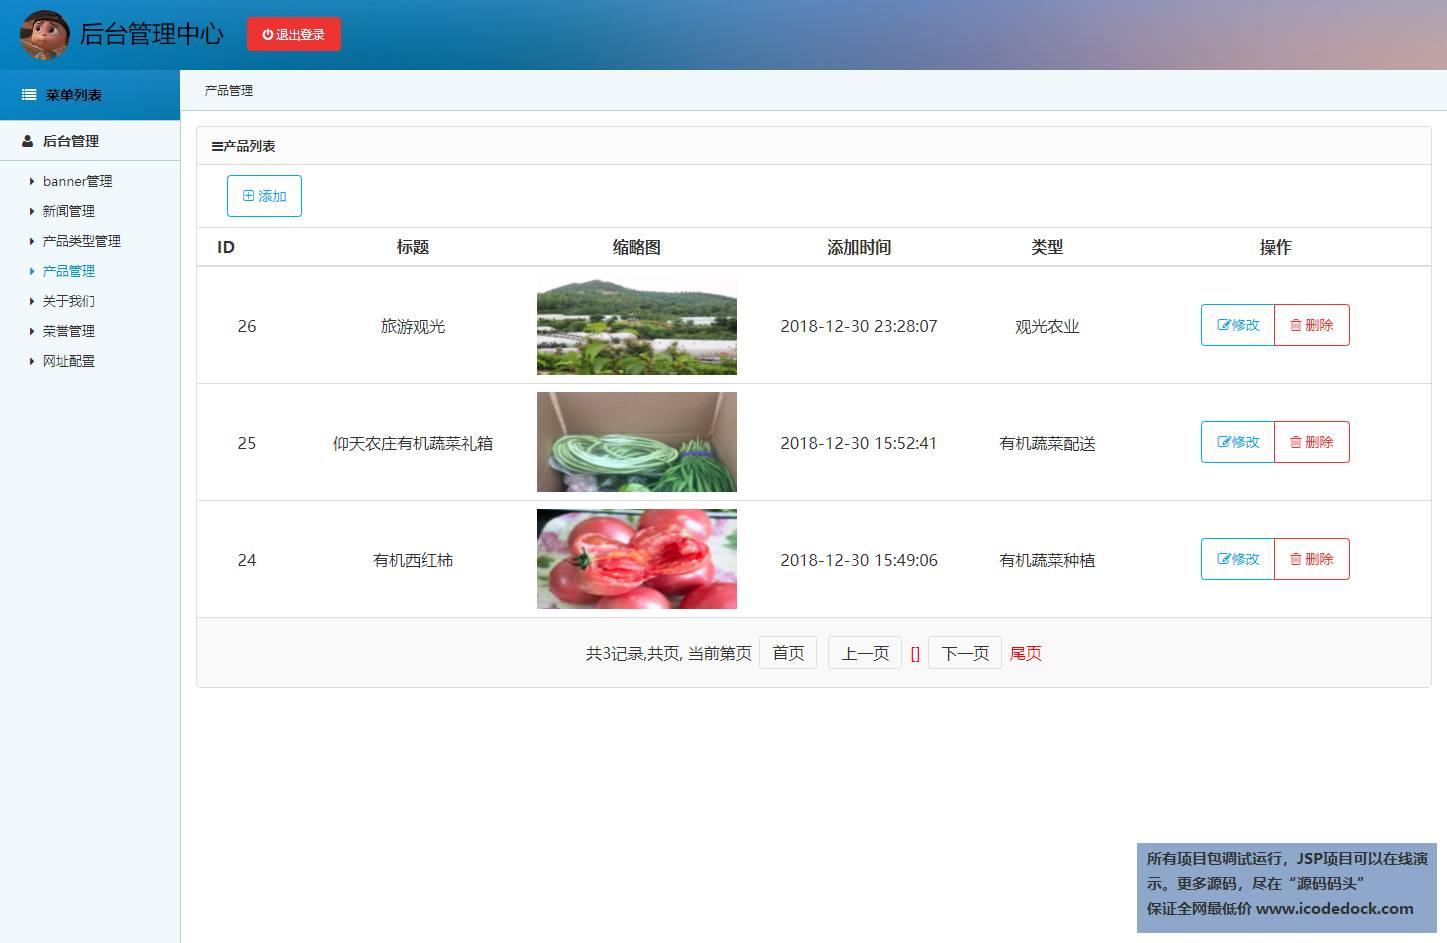 源码码头-SSH在线田园农场网站平台管理系统-管理员角色-产品管理